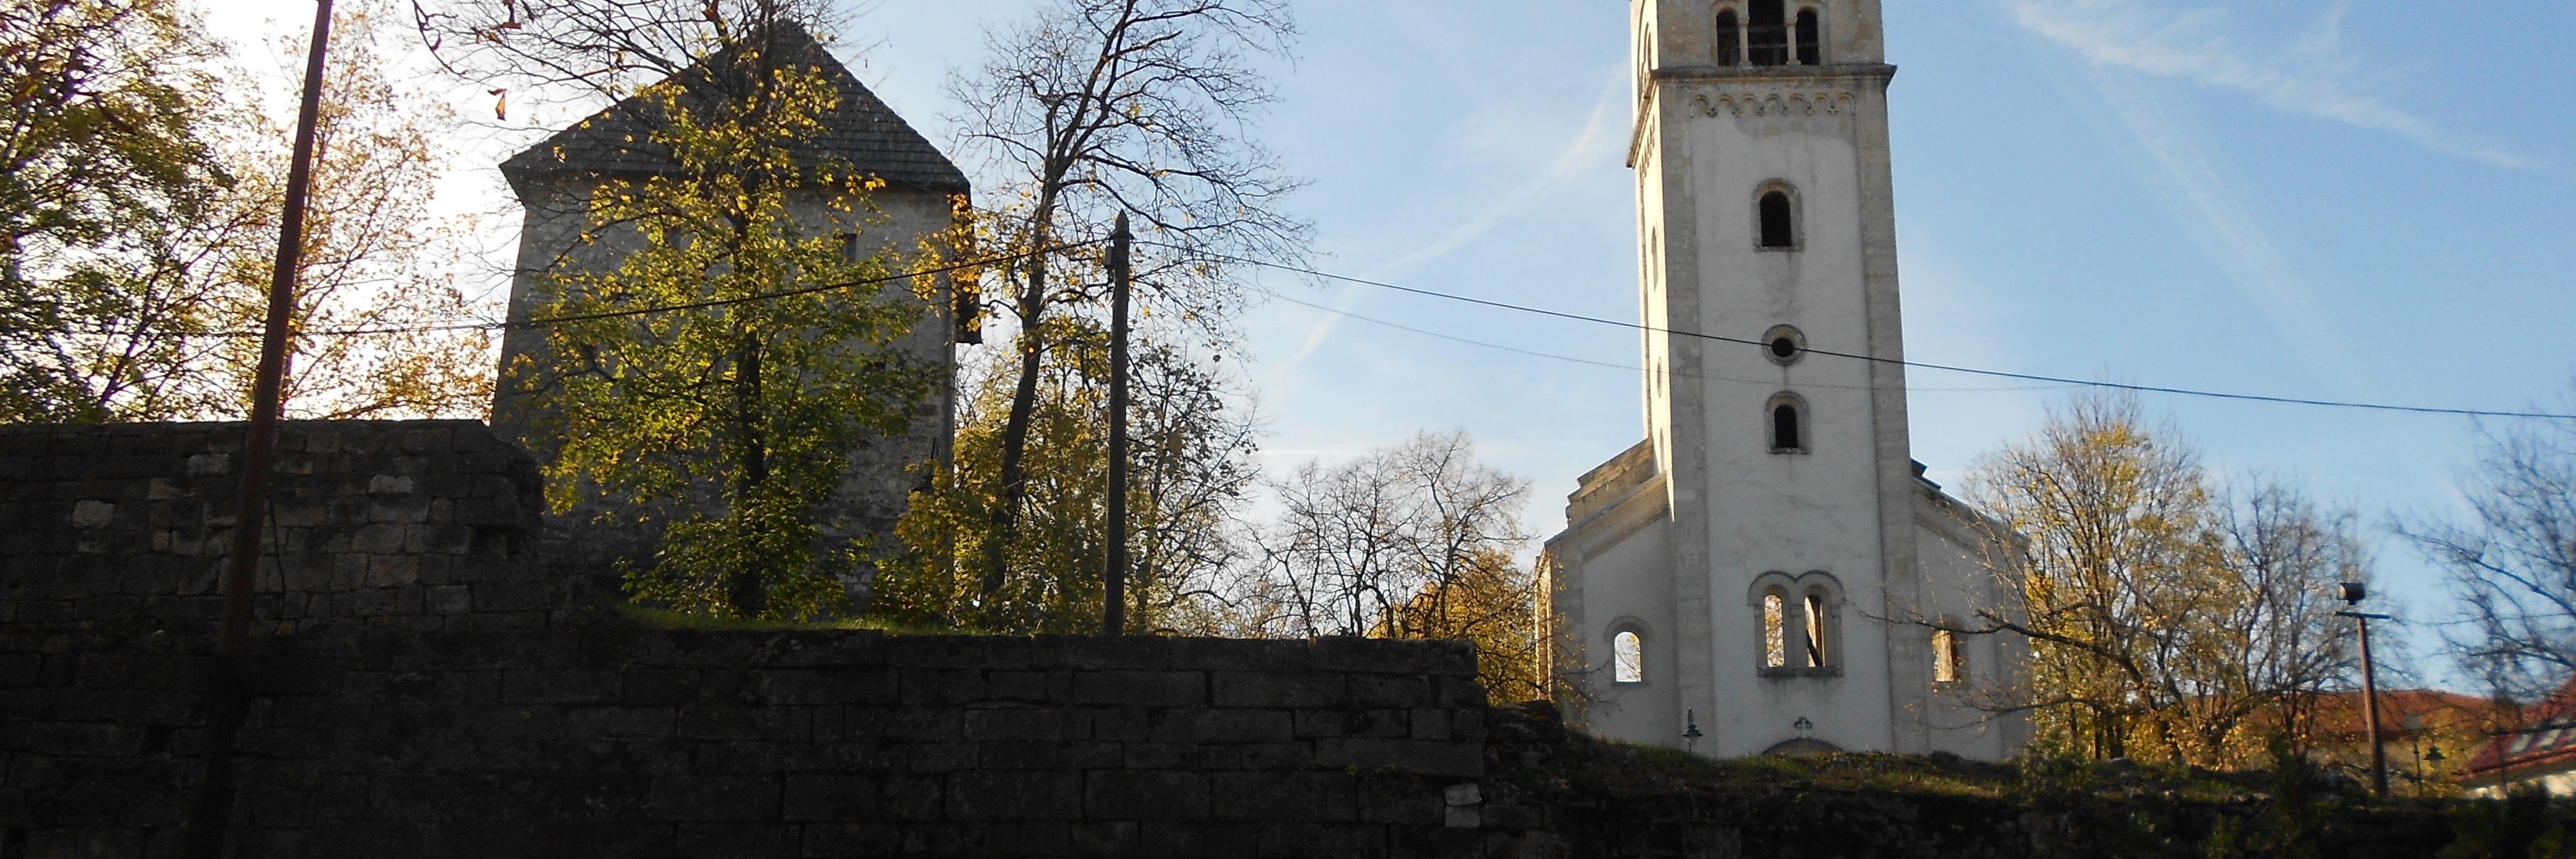 Церковь св. Анте  в Бихаче